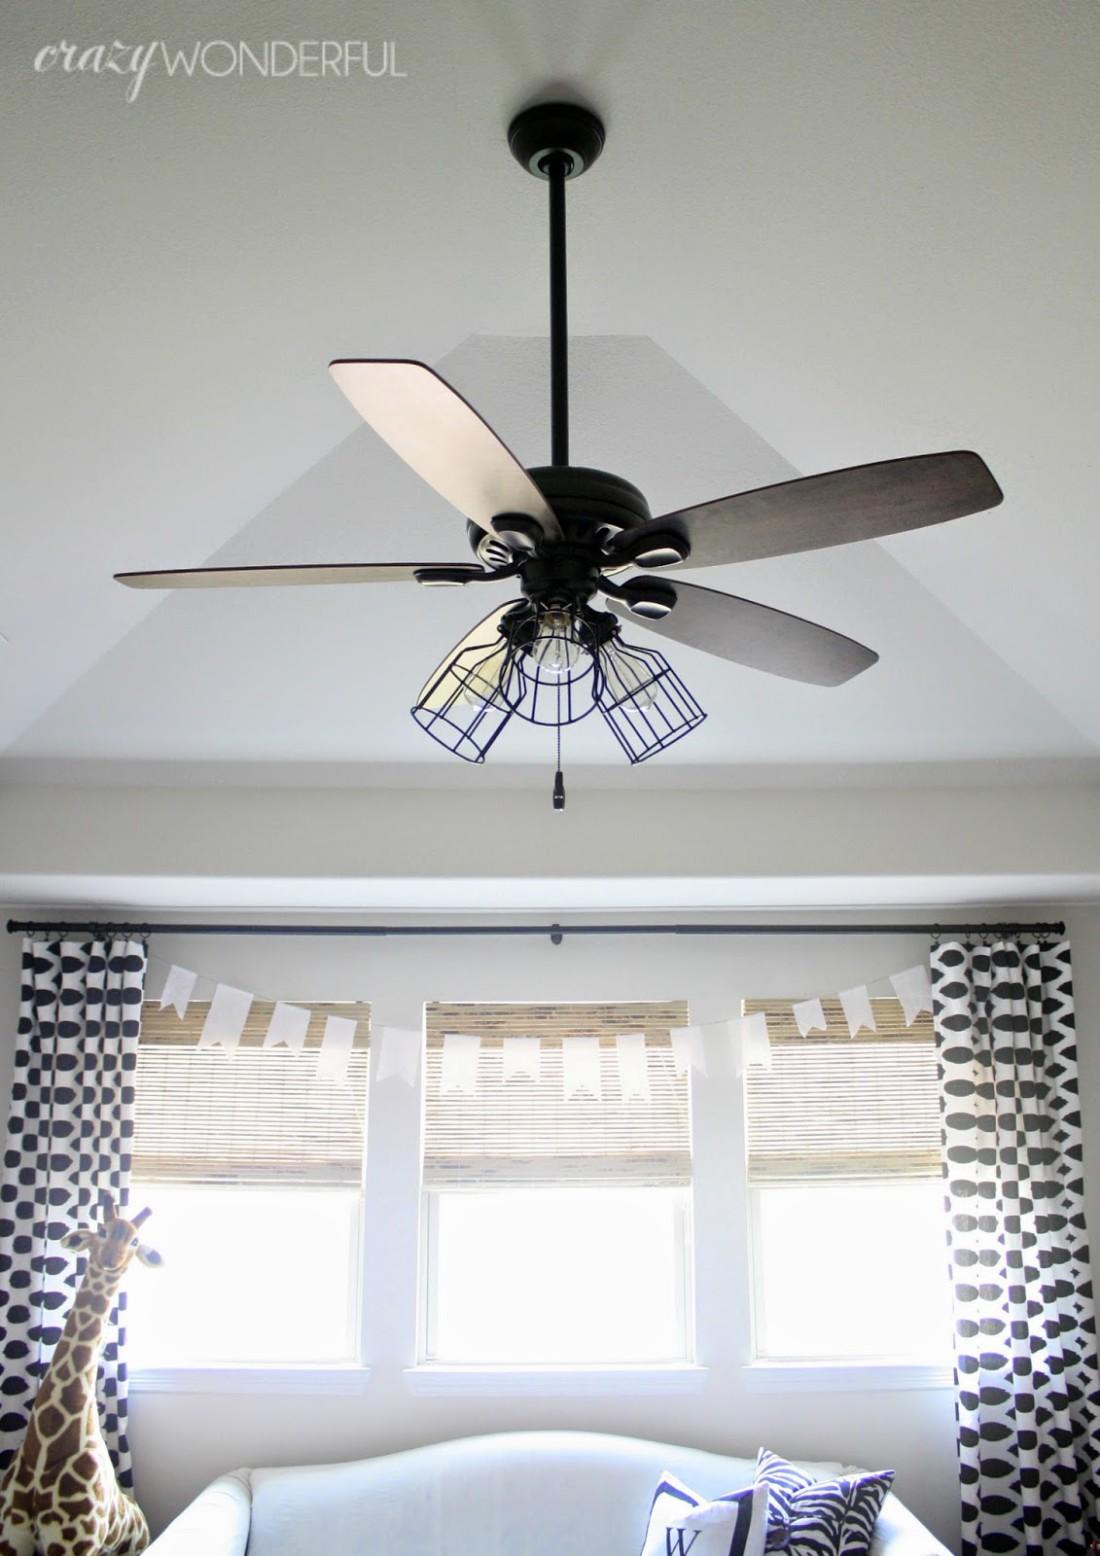 diy cage light ceiling fan crazy wonderful. Black Bedroom Furniture Sets. Home Design Ideas